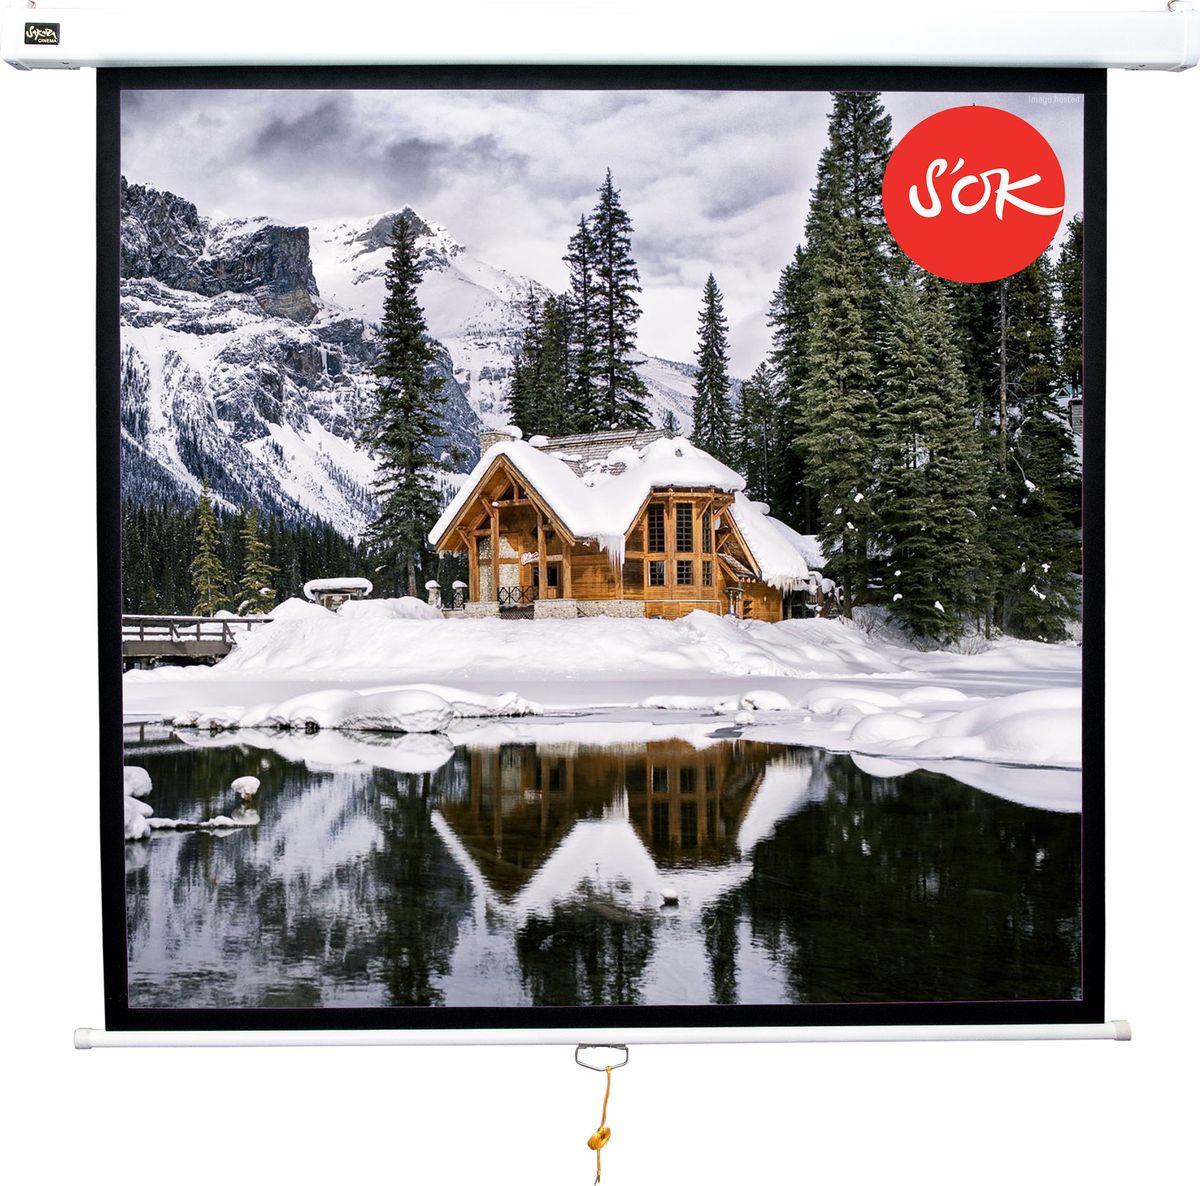 цена на Экран проекционный Cinema S'OK SCPSW-150x150 1:1 настенно-потолочный, белый